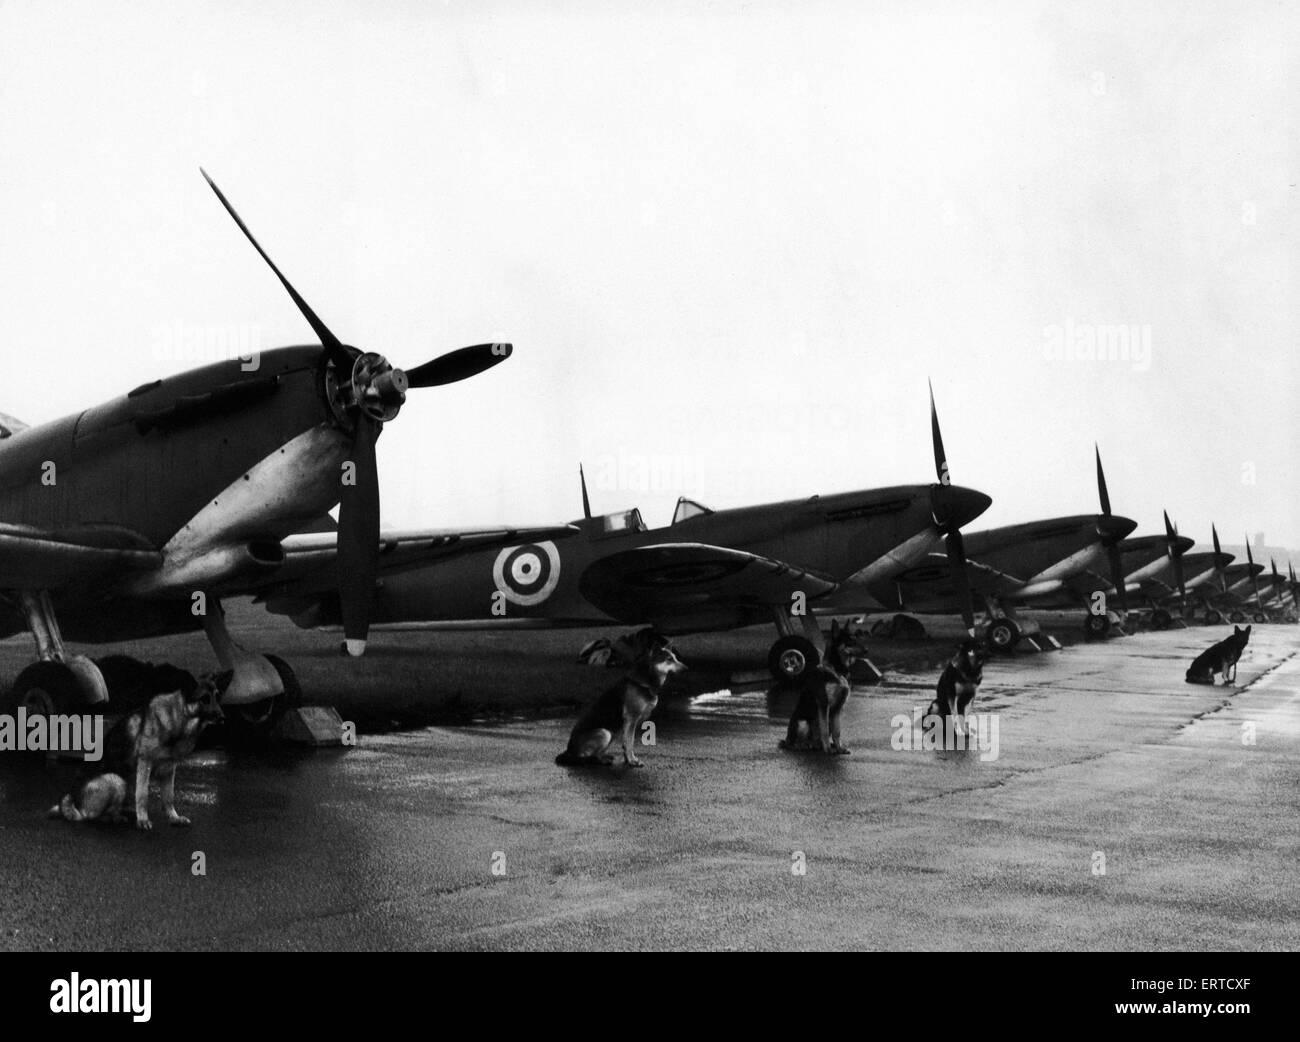 Zwölf Spitfire Kampfflugzeuge aufgereiht auf der Landebahn am North Weald, warten auf den Anruf vor Dreharbeiten Stockbild